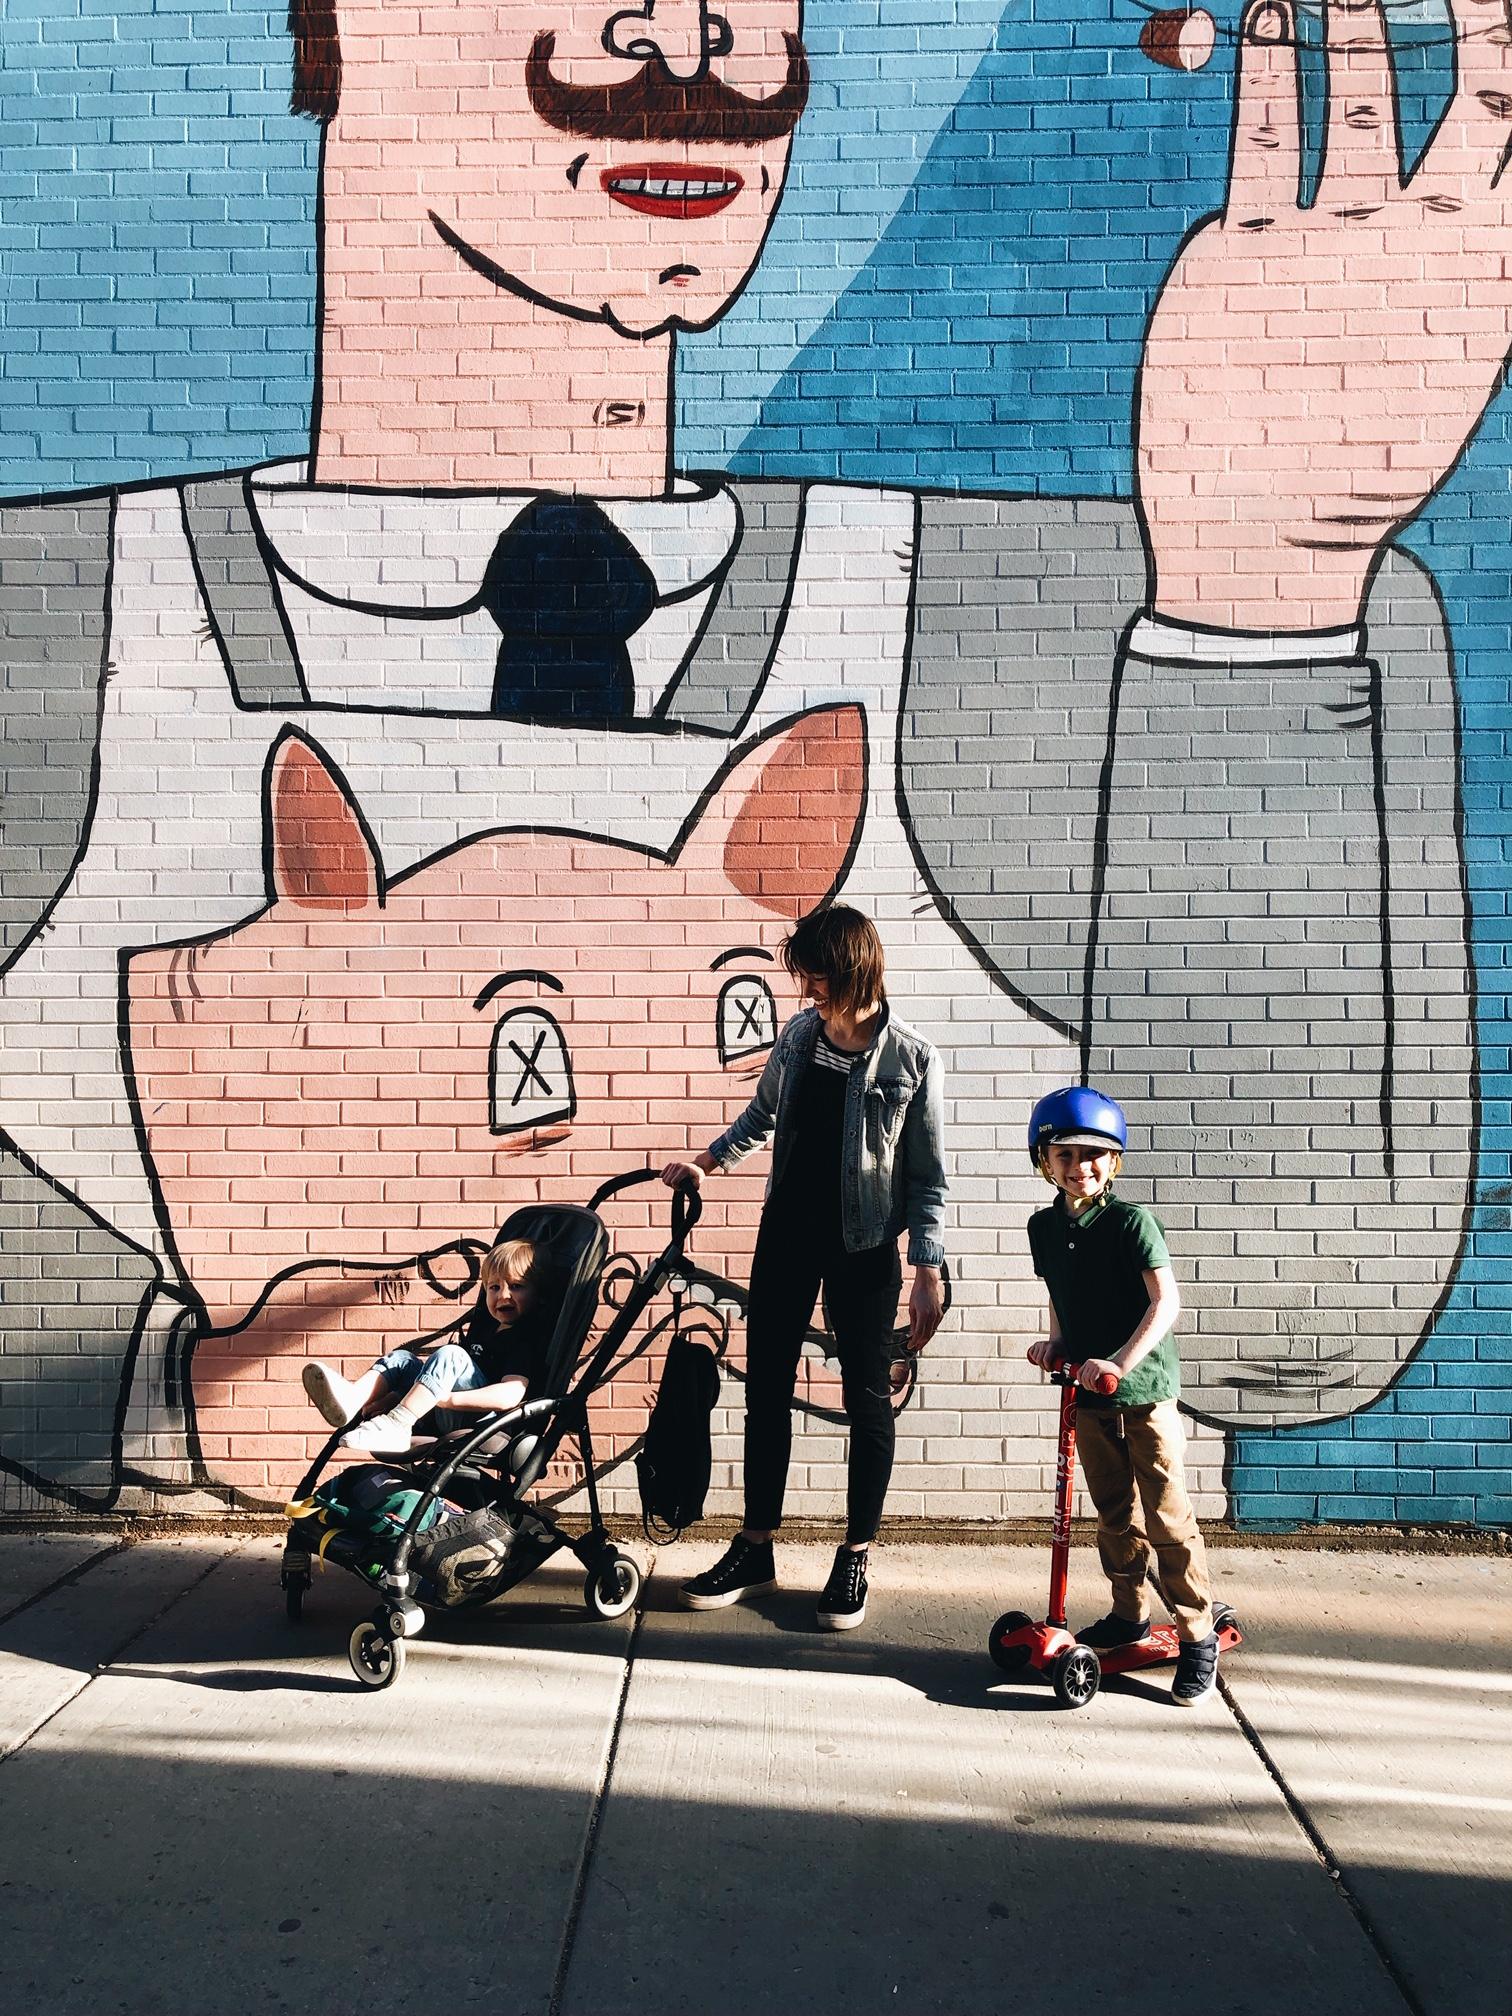 Mandalyn and her boys in Chicago  @sidewalkclub_